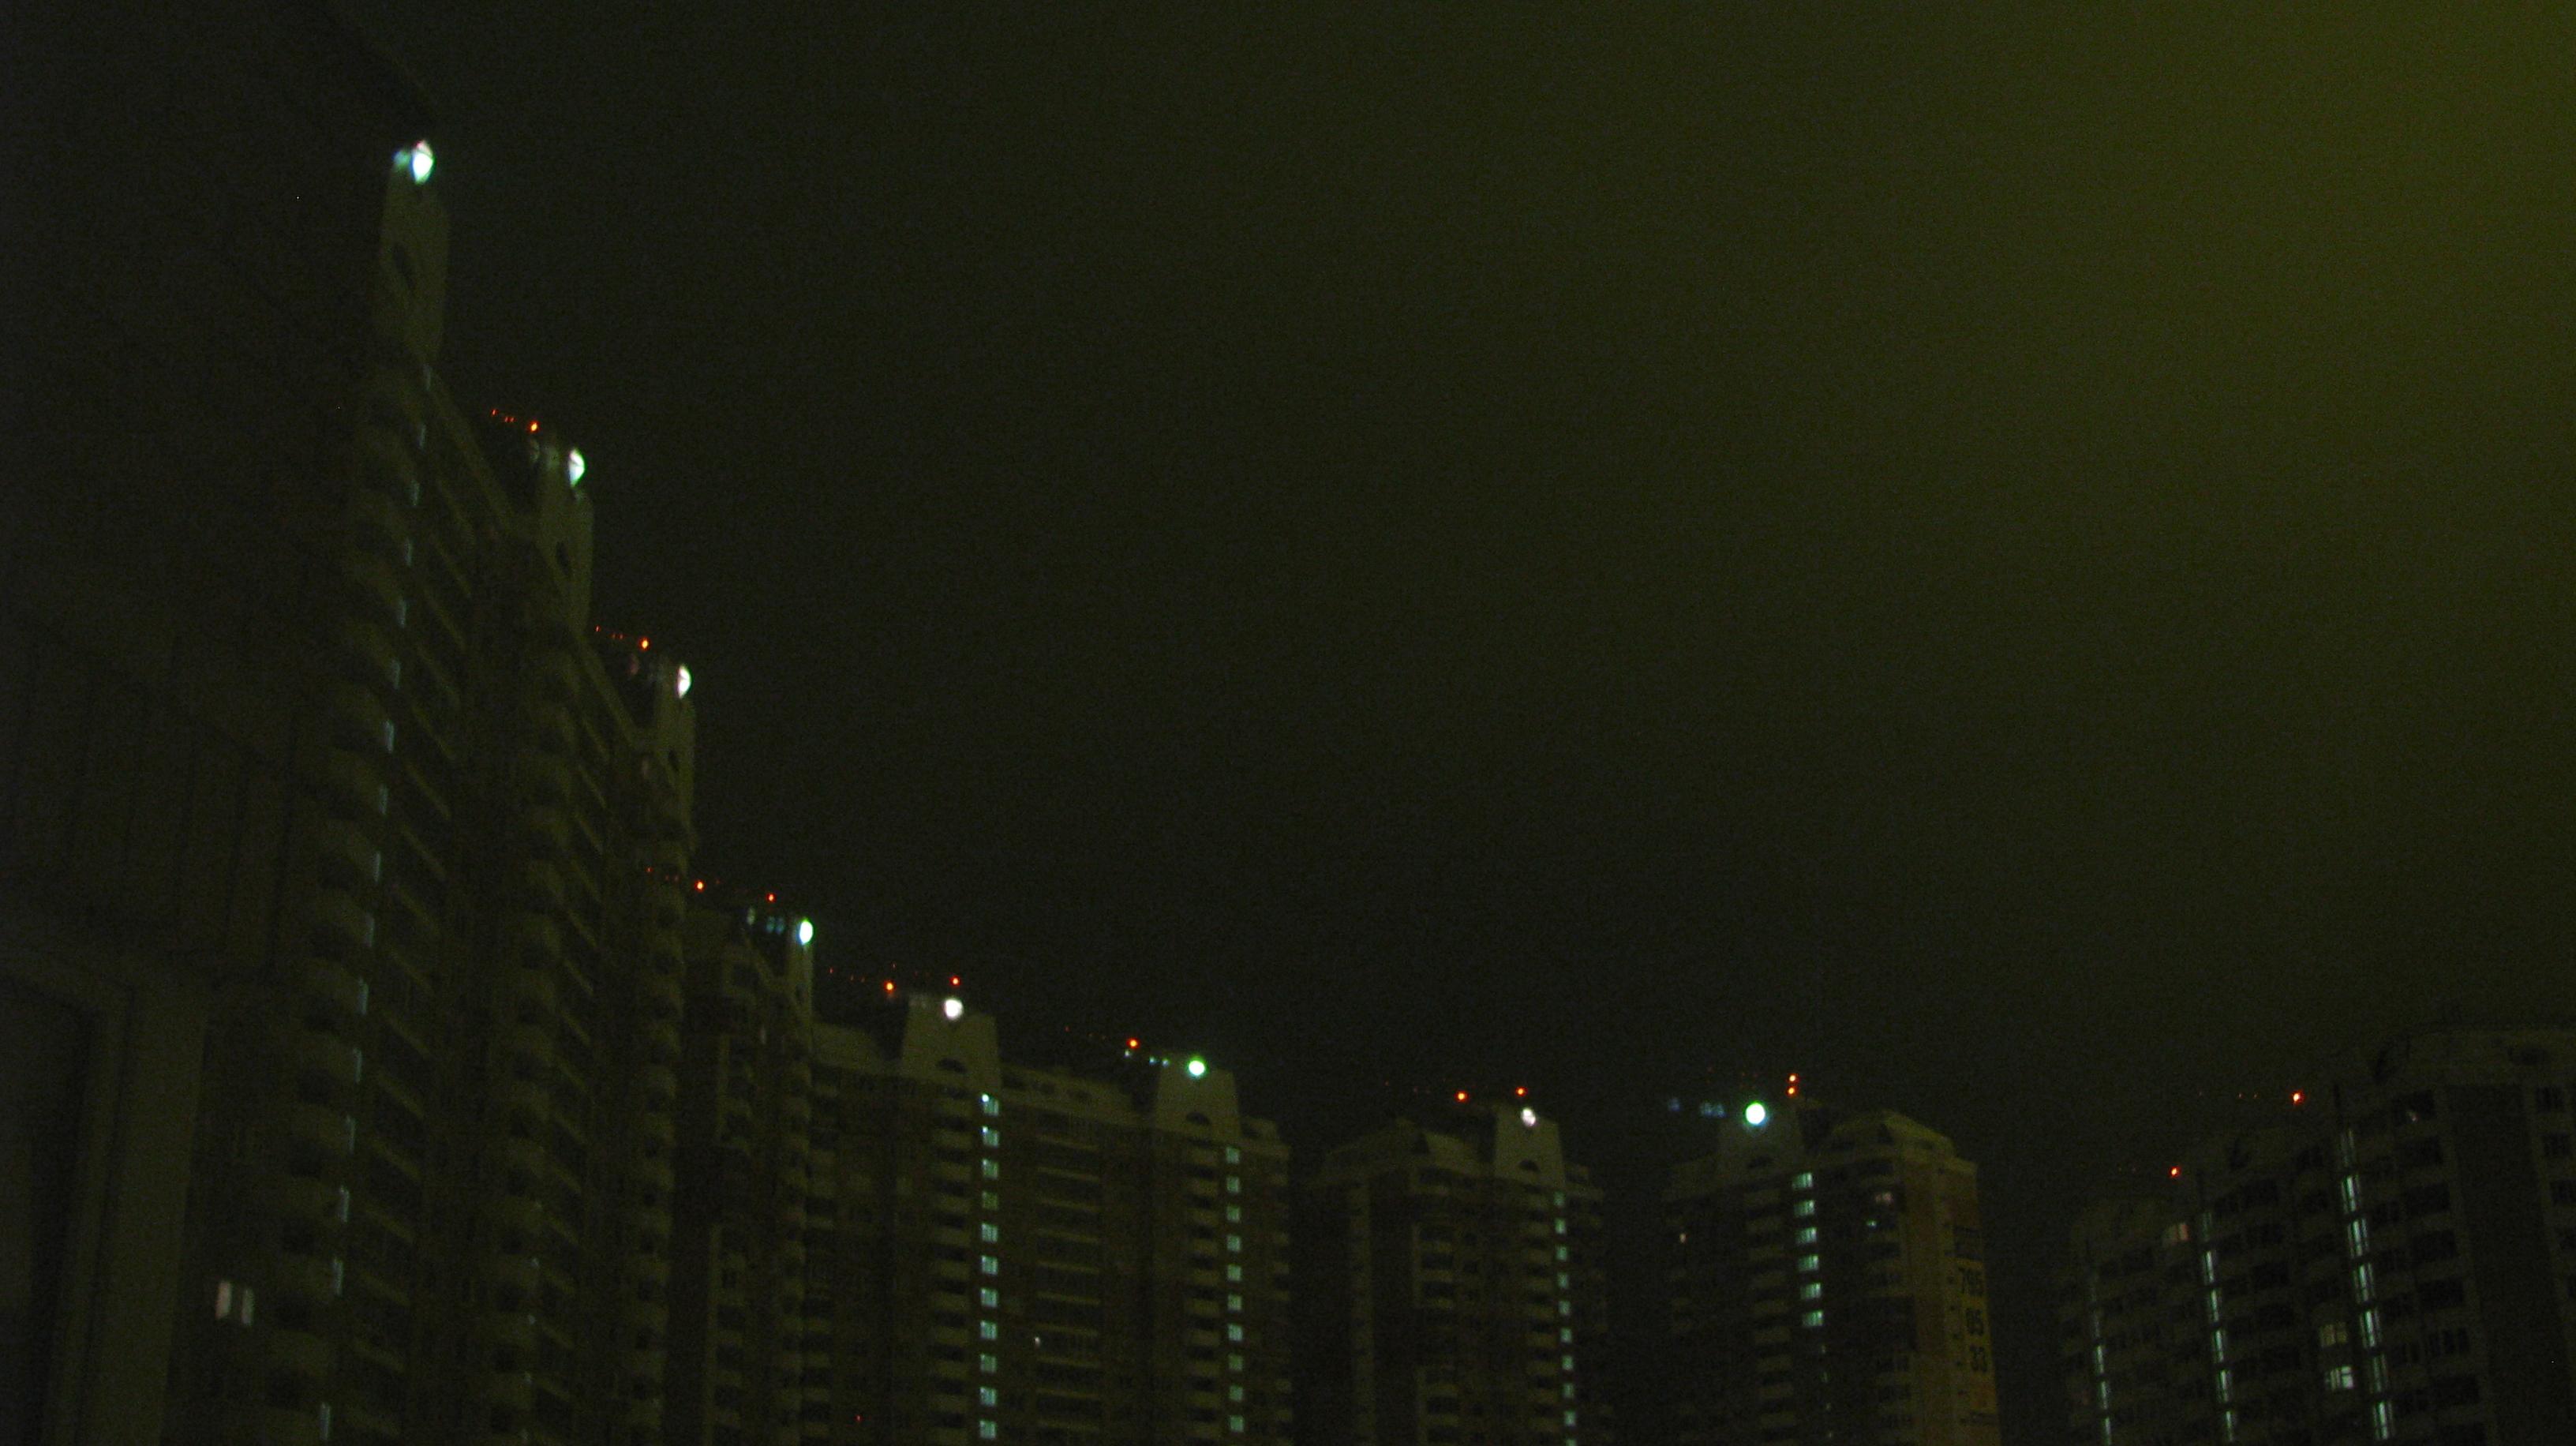 ночка тёмною была в граде Московском